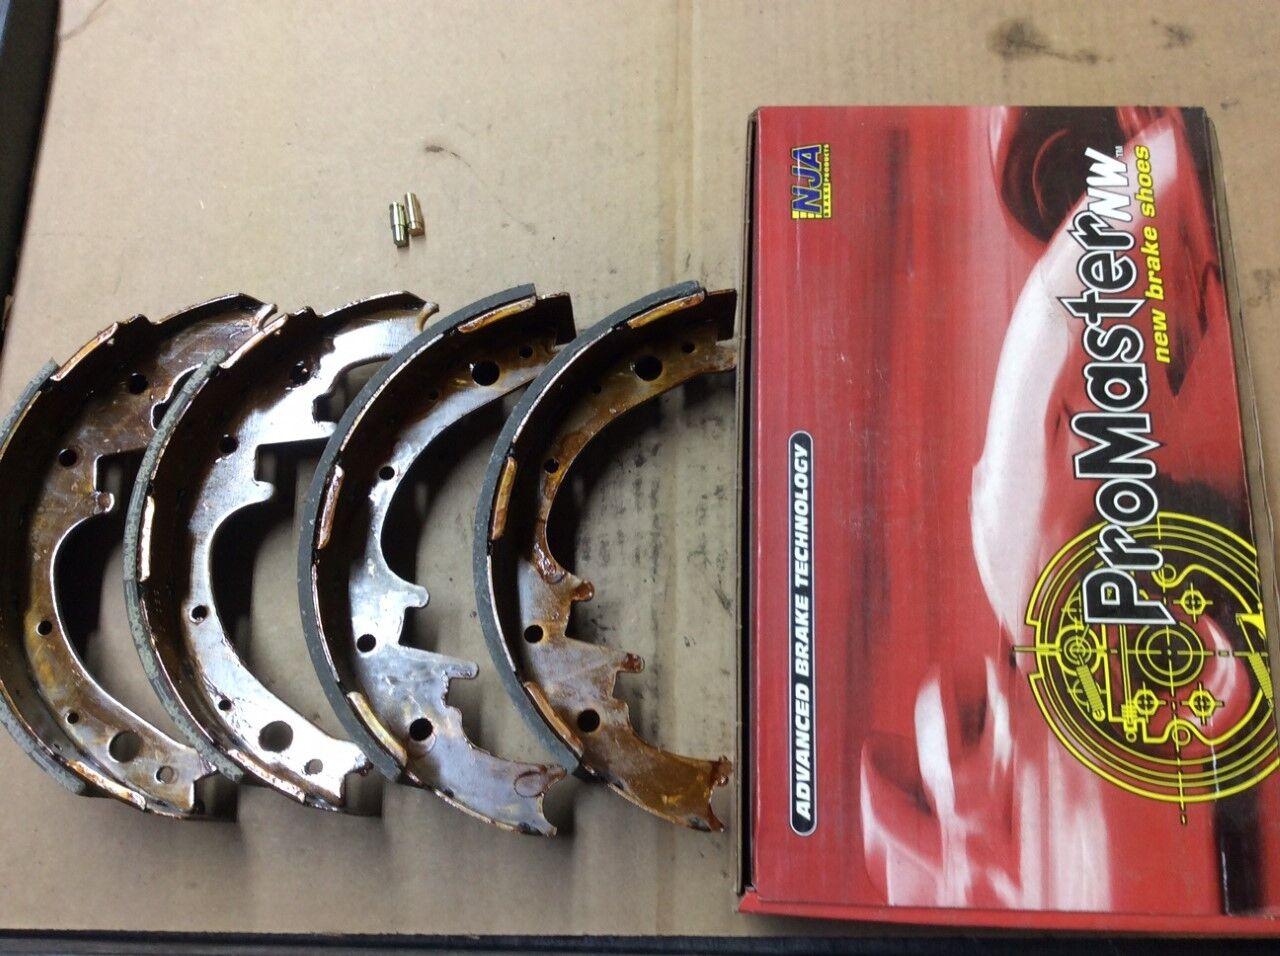 NB445 FRONT Bonded Drum Brake Shoe Fits 73-76 Dodge Dart